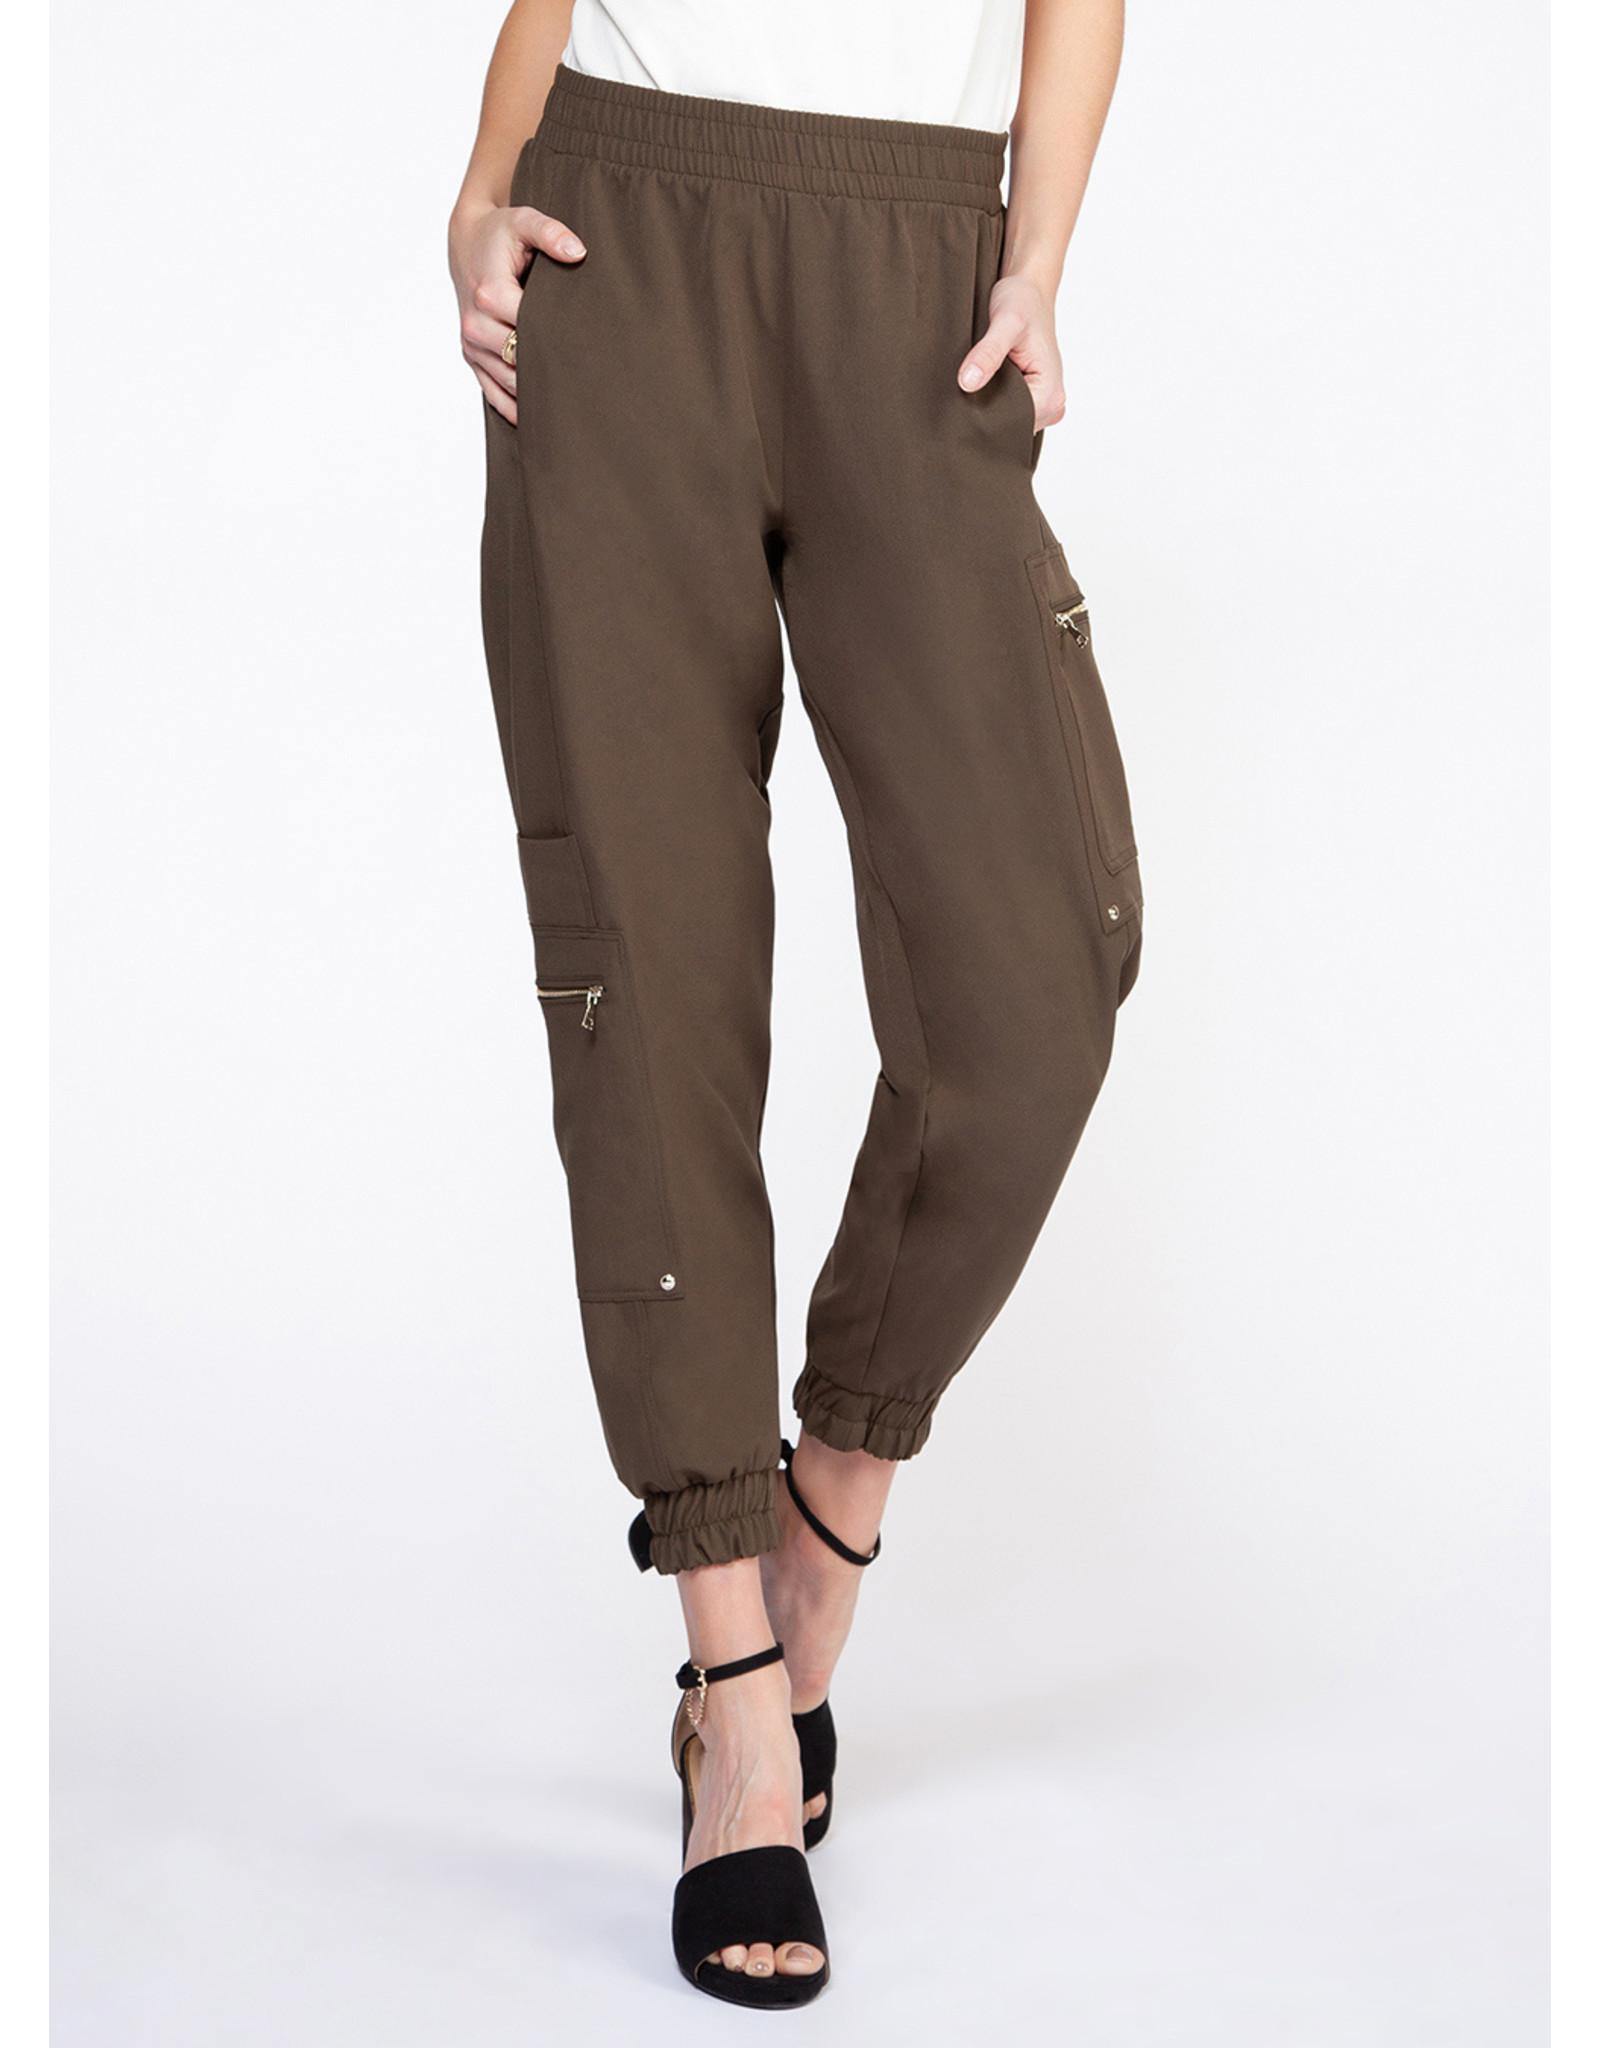 BLACK TAPE Pantalon cargo, zipper